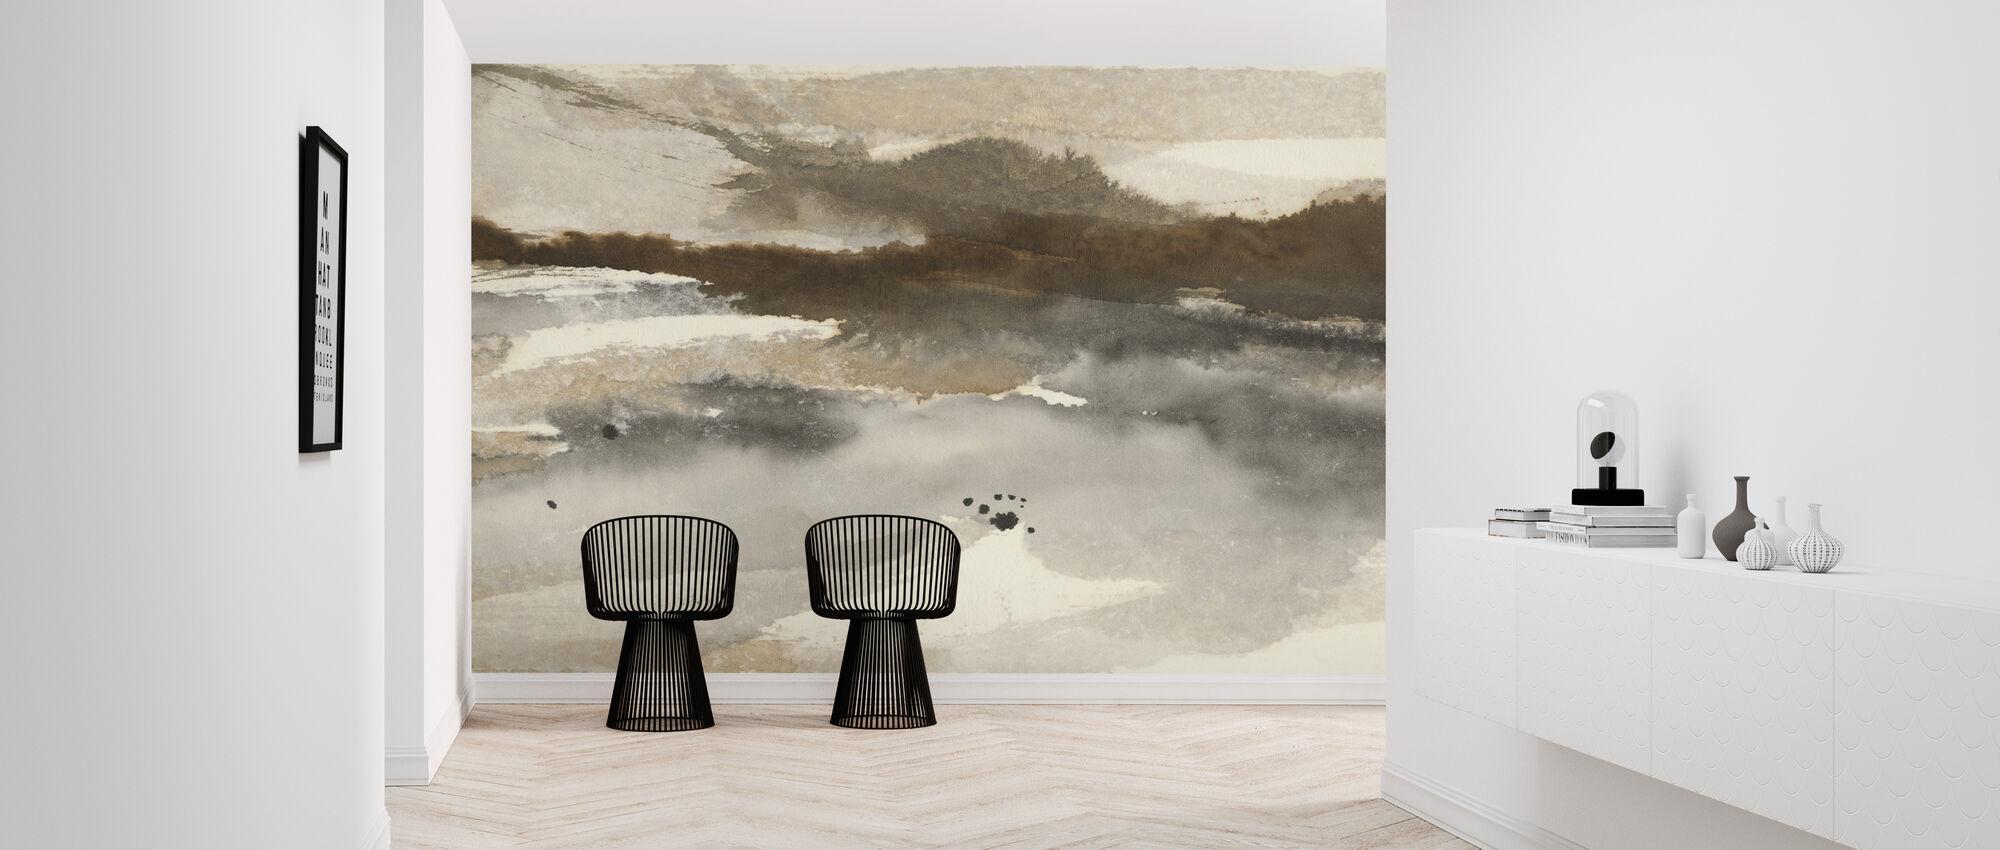 Imagine - Wallpaper - Hallway